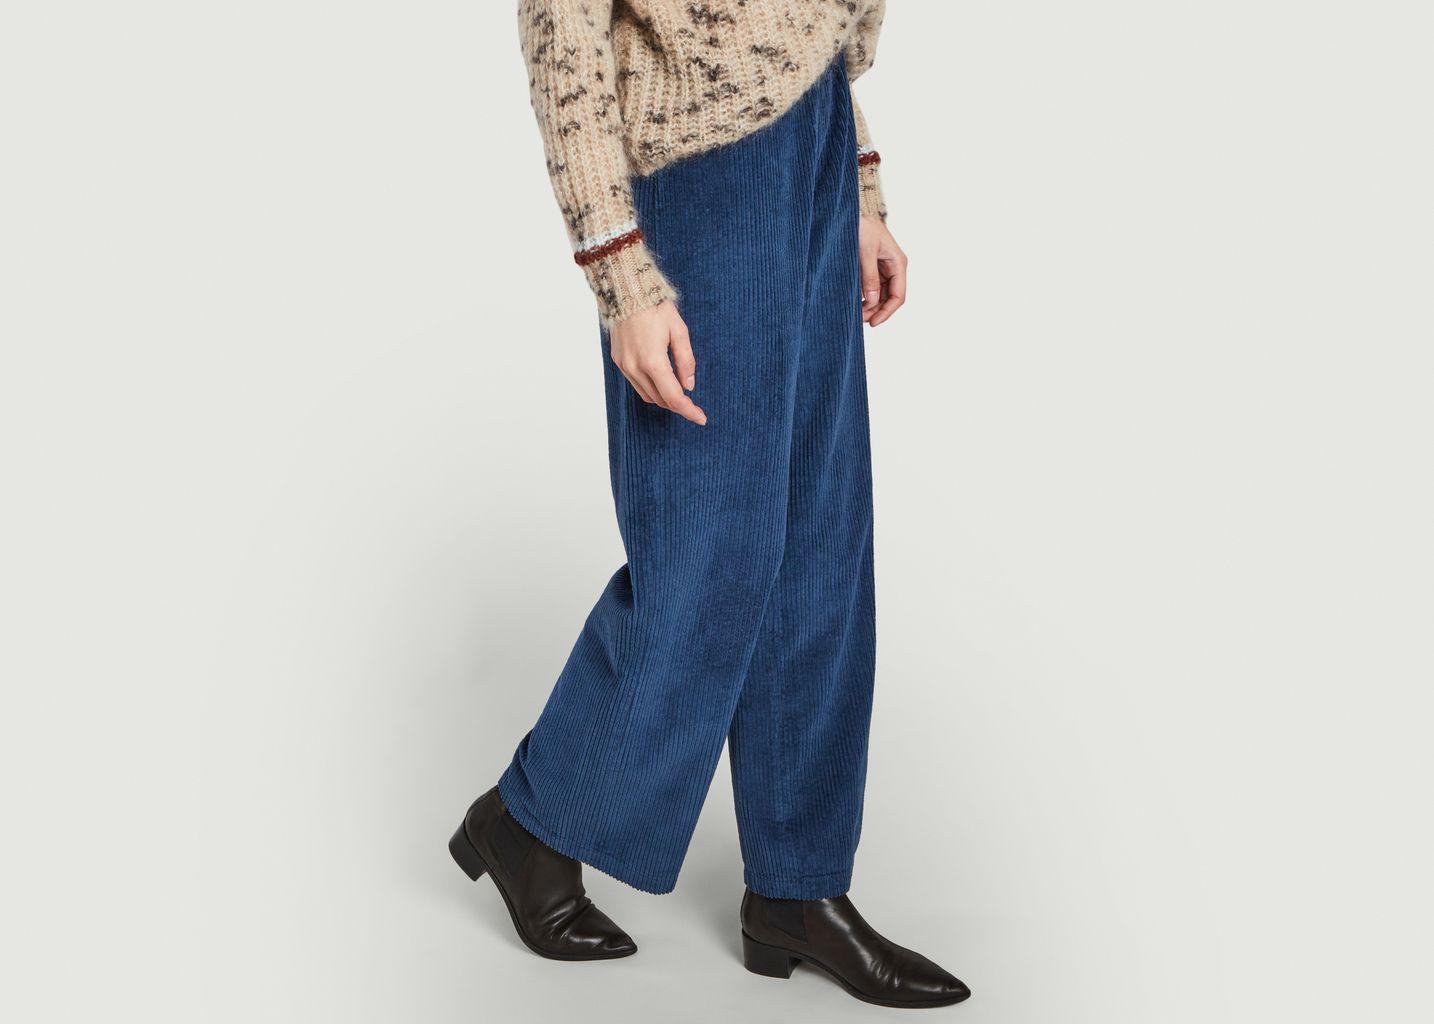 Pantalon ample en velours côtelé Felicity - Reiko